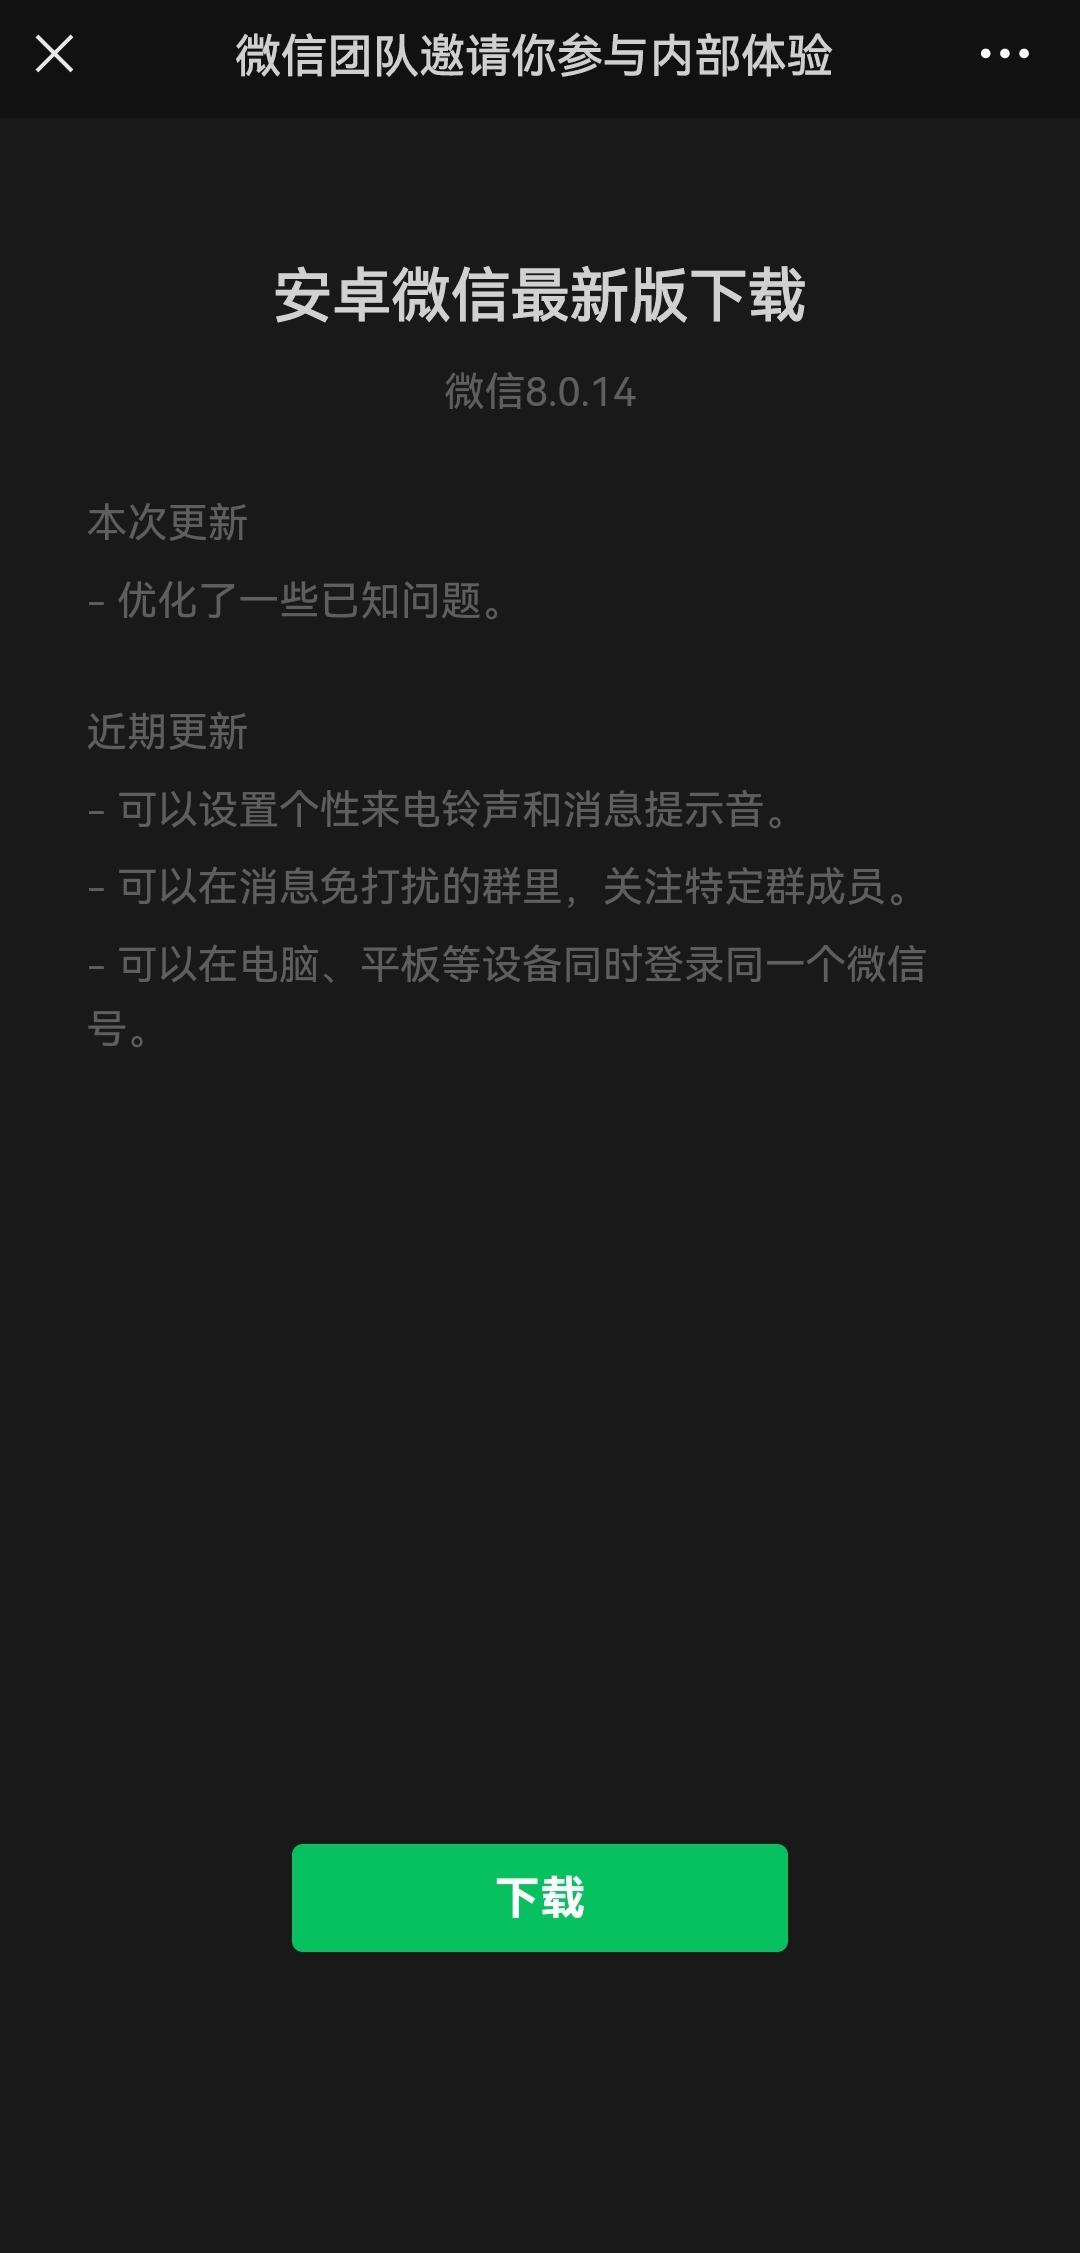 Screenshot_20210915_214020.jpg